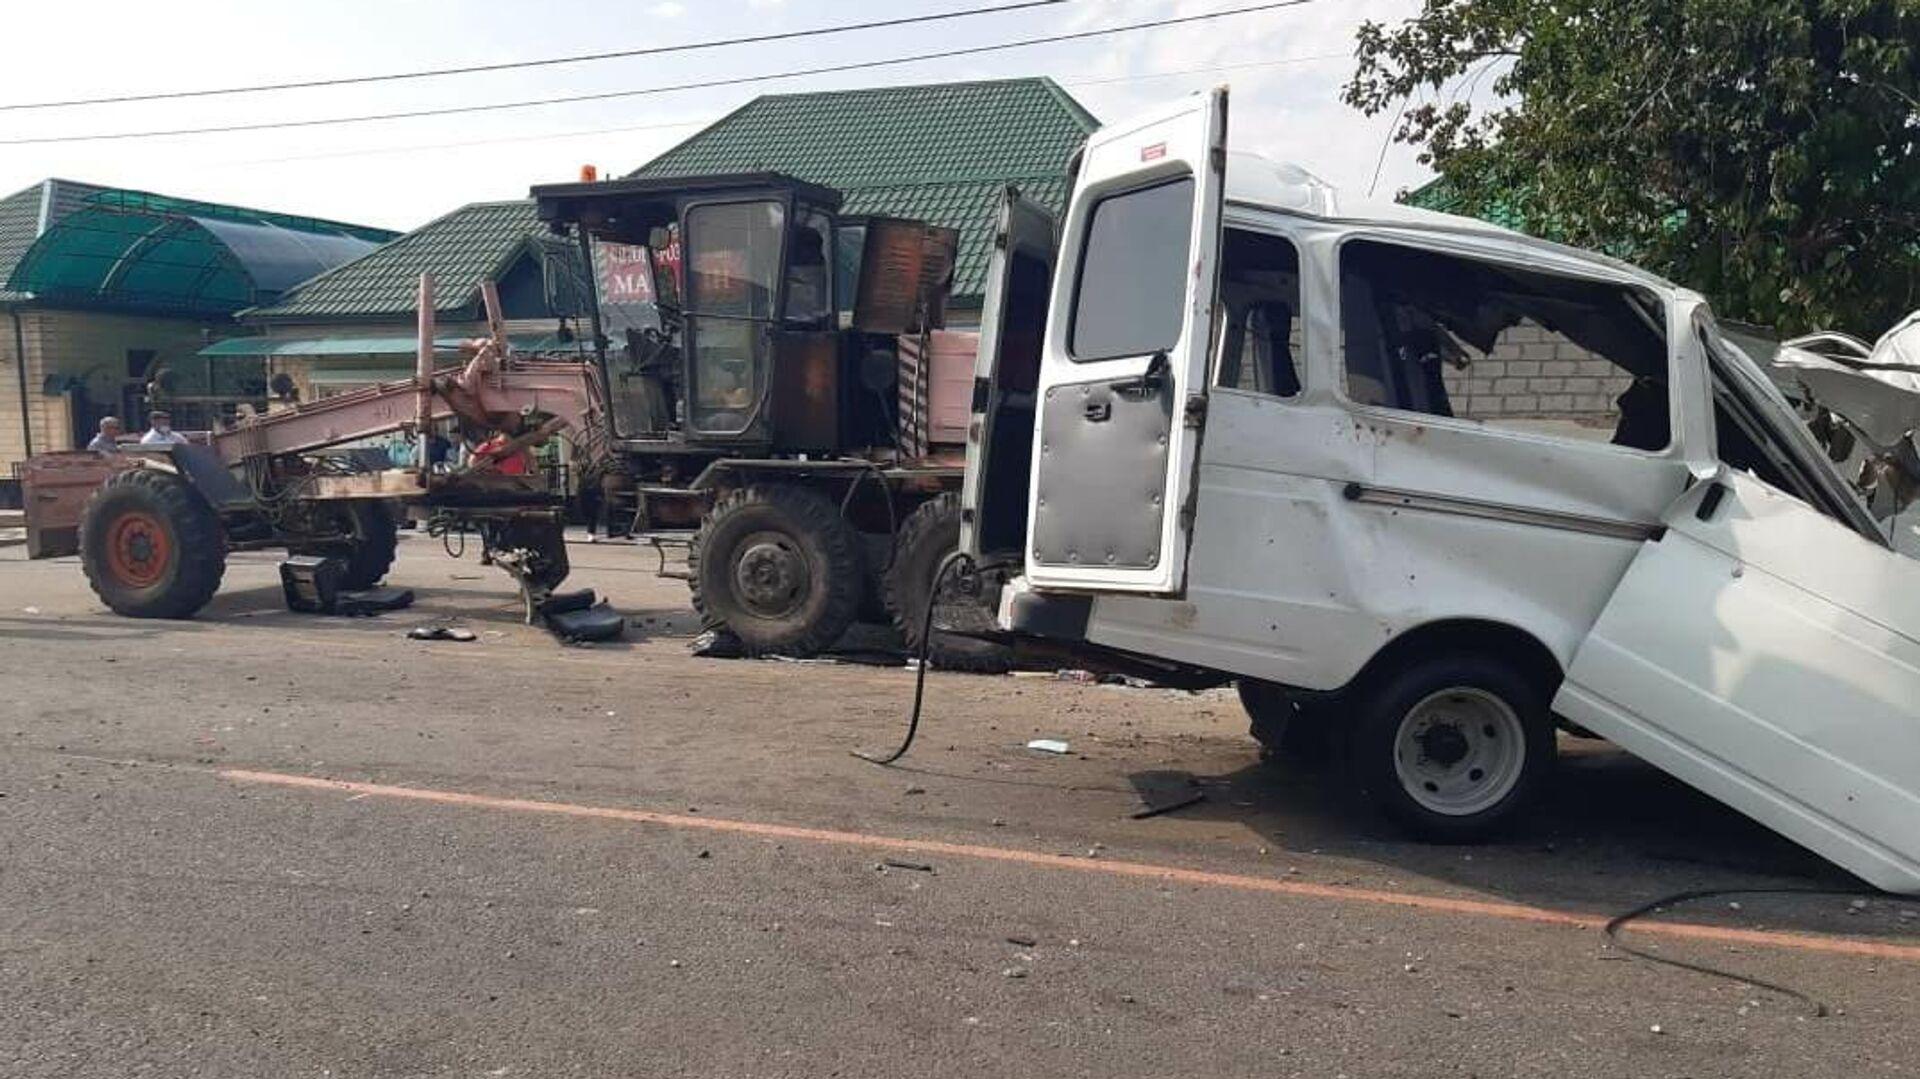 Двое пострадавших в ДТП с маршруткой в КБР находятся в тяжелом состоянии